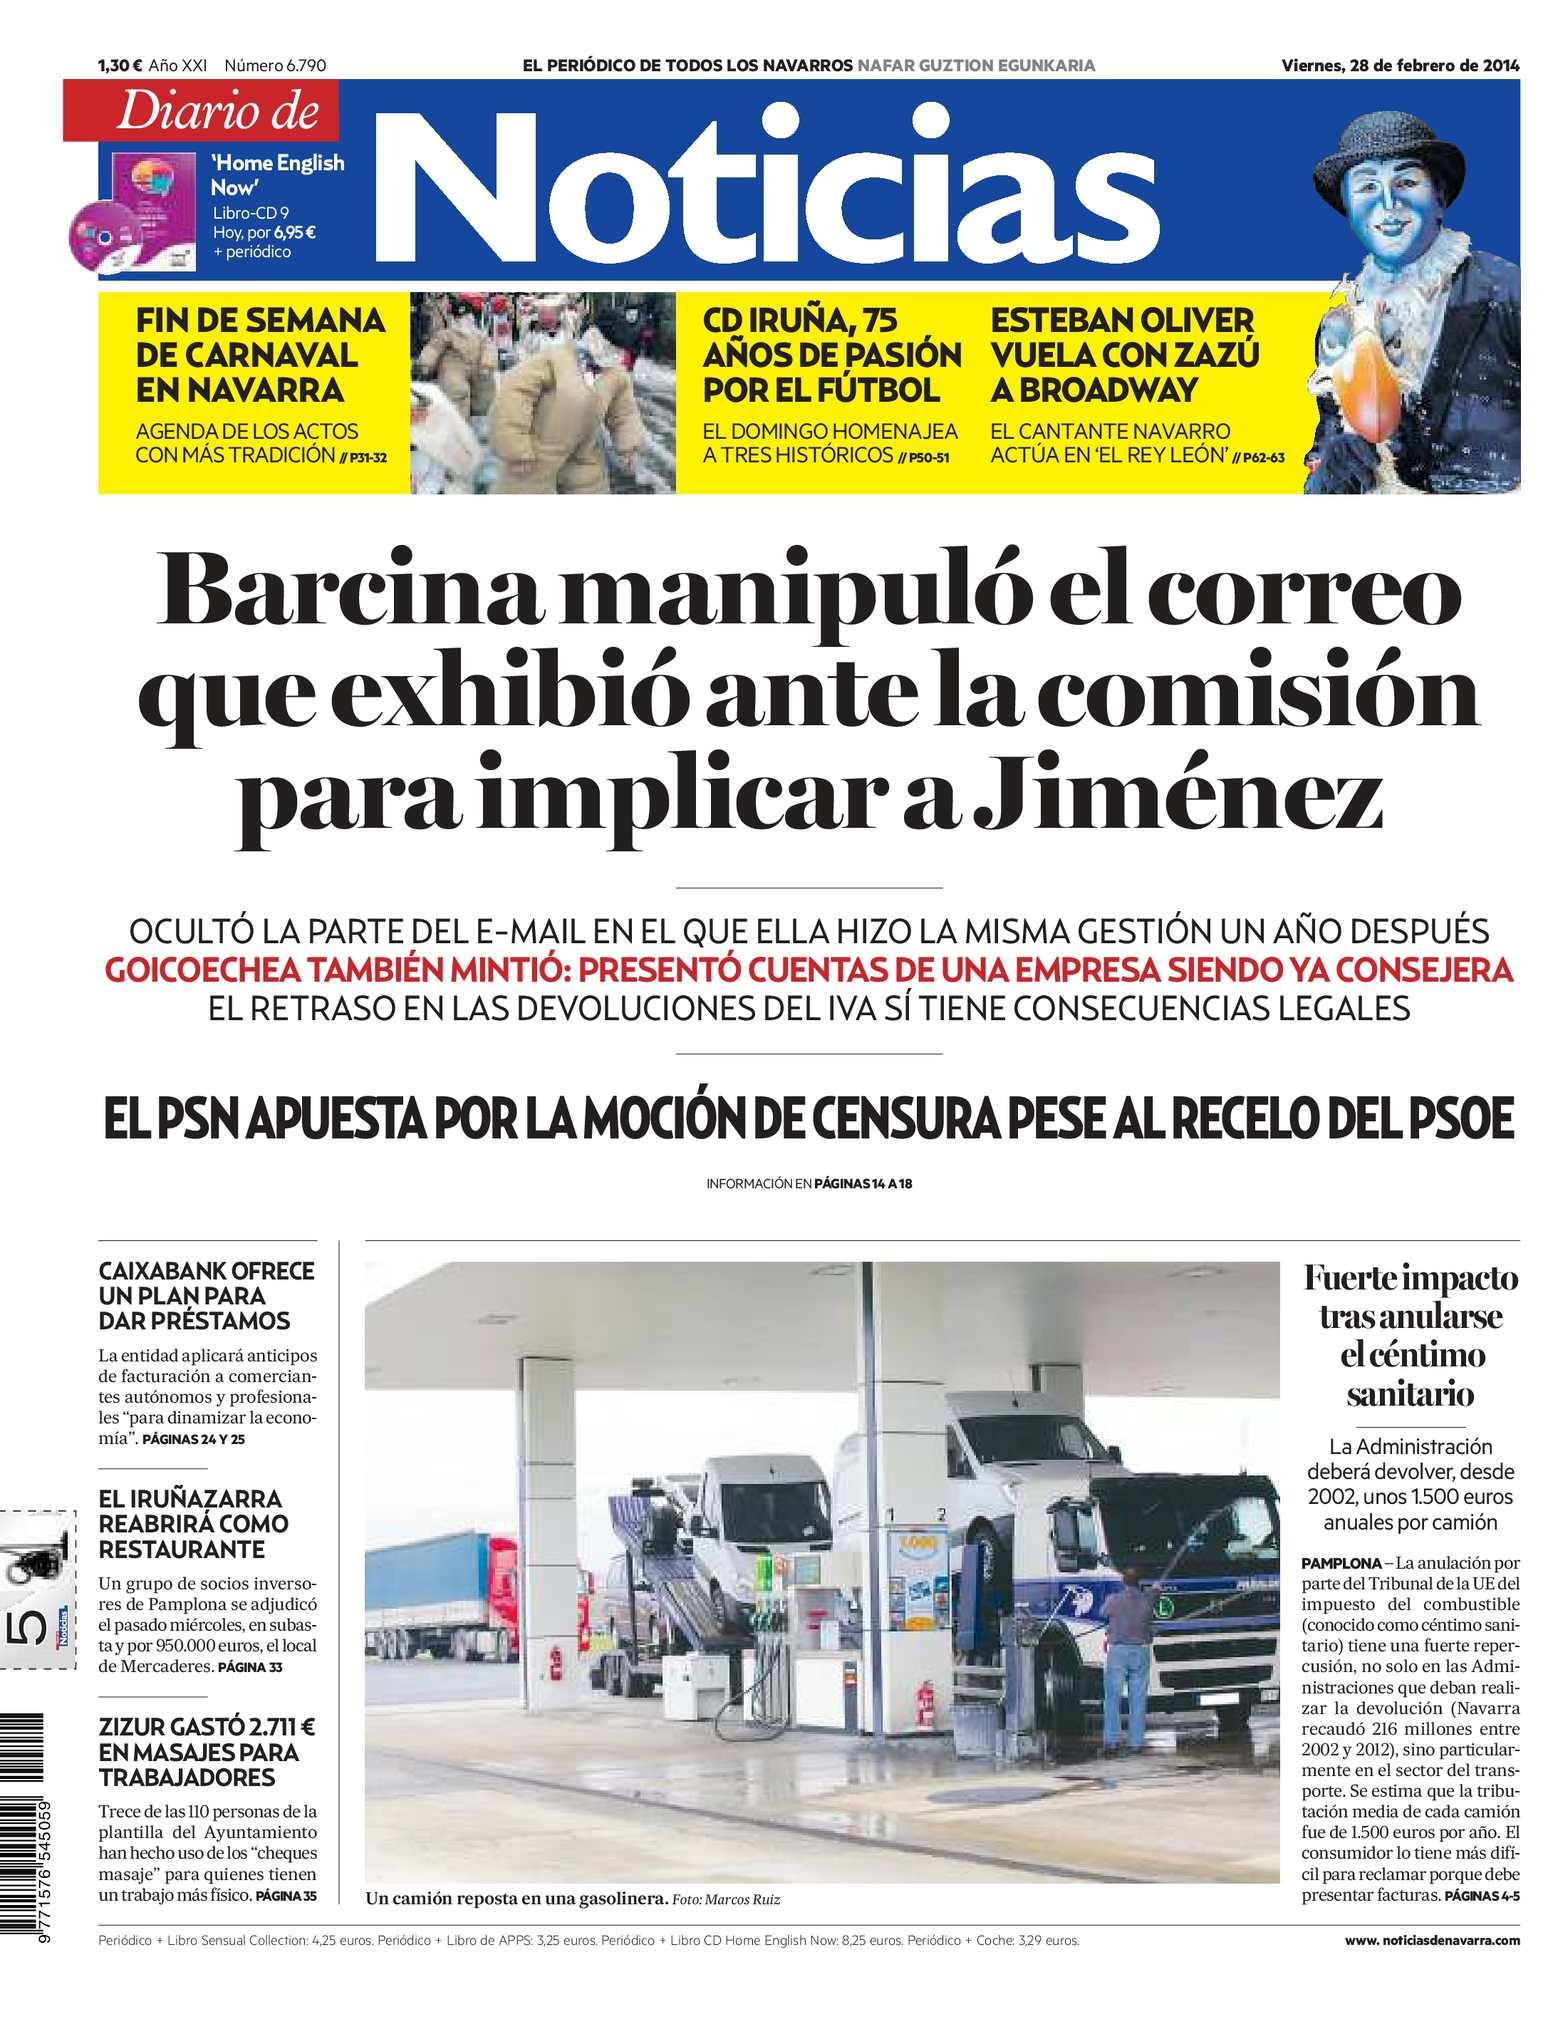 Calaméo - Diario de Noticias 20140228 08eb2260c73b8